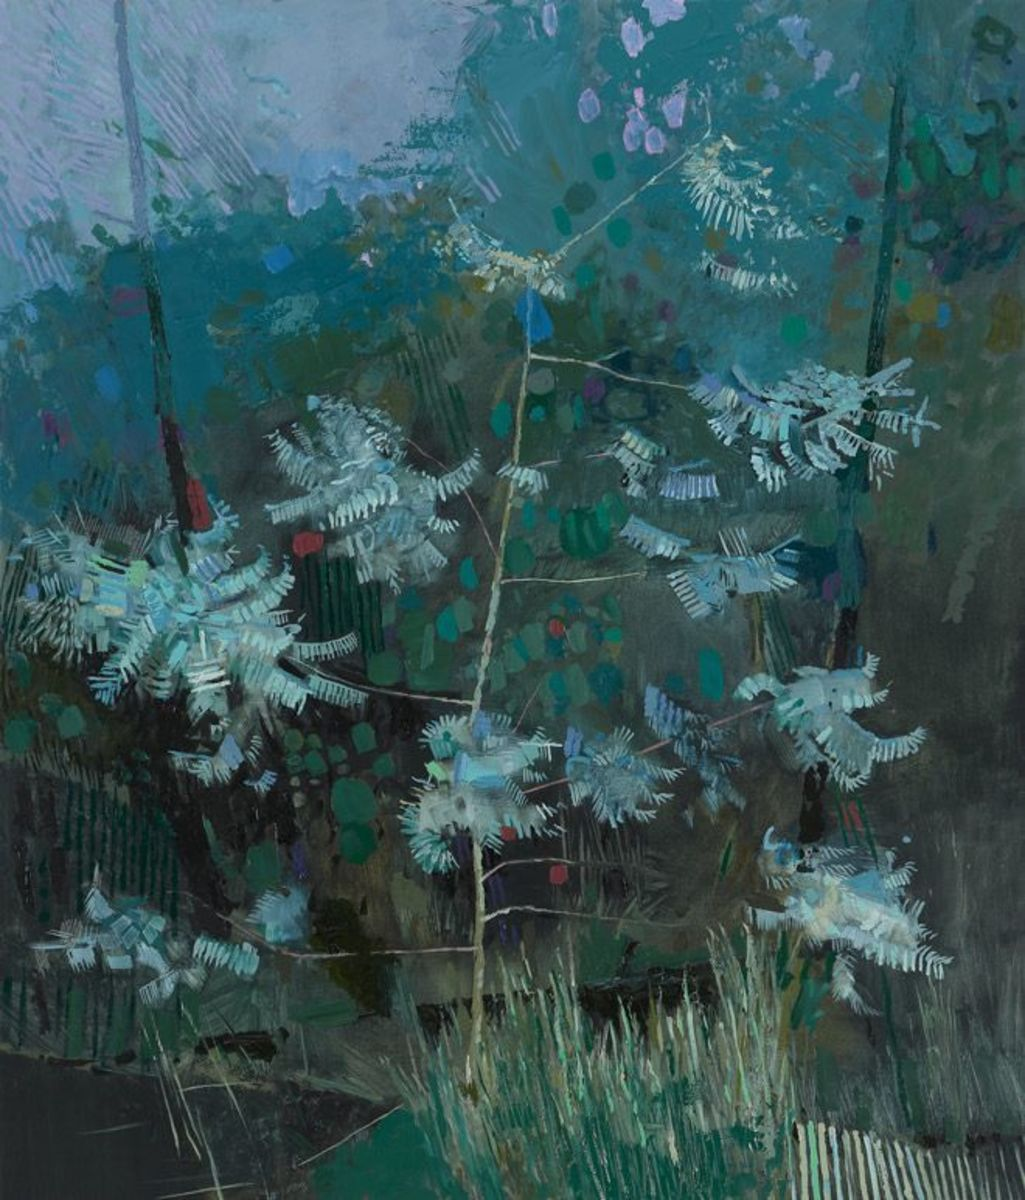 Wattle sapling